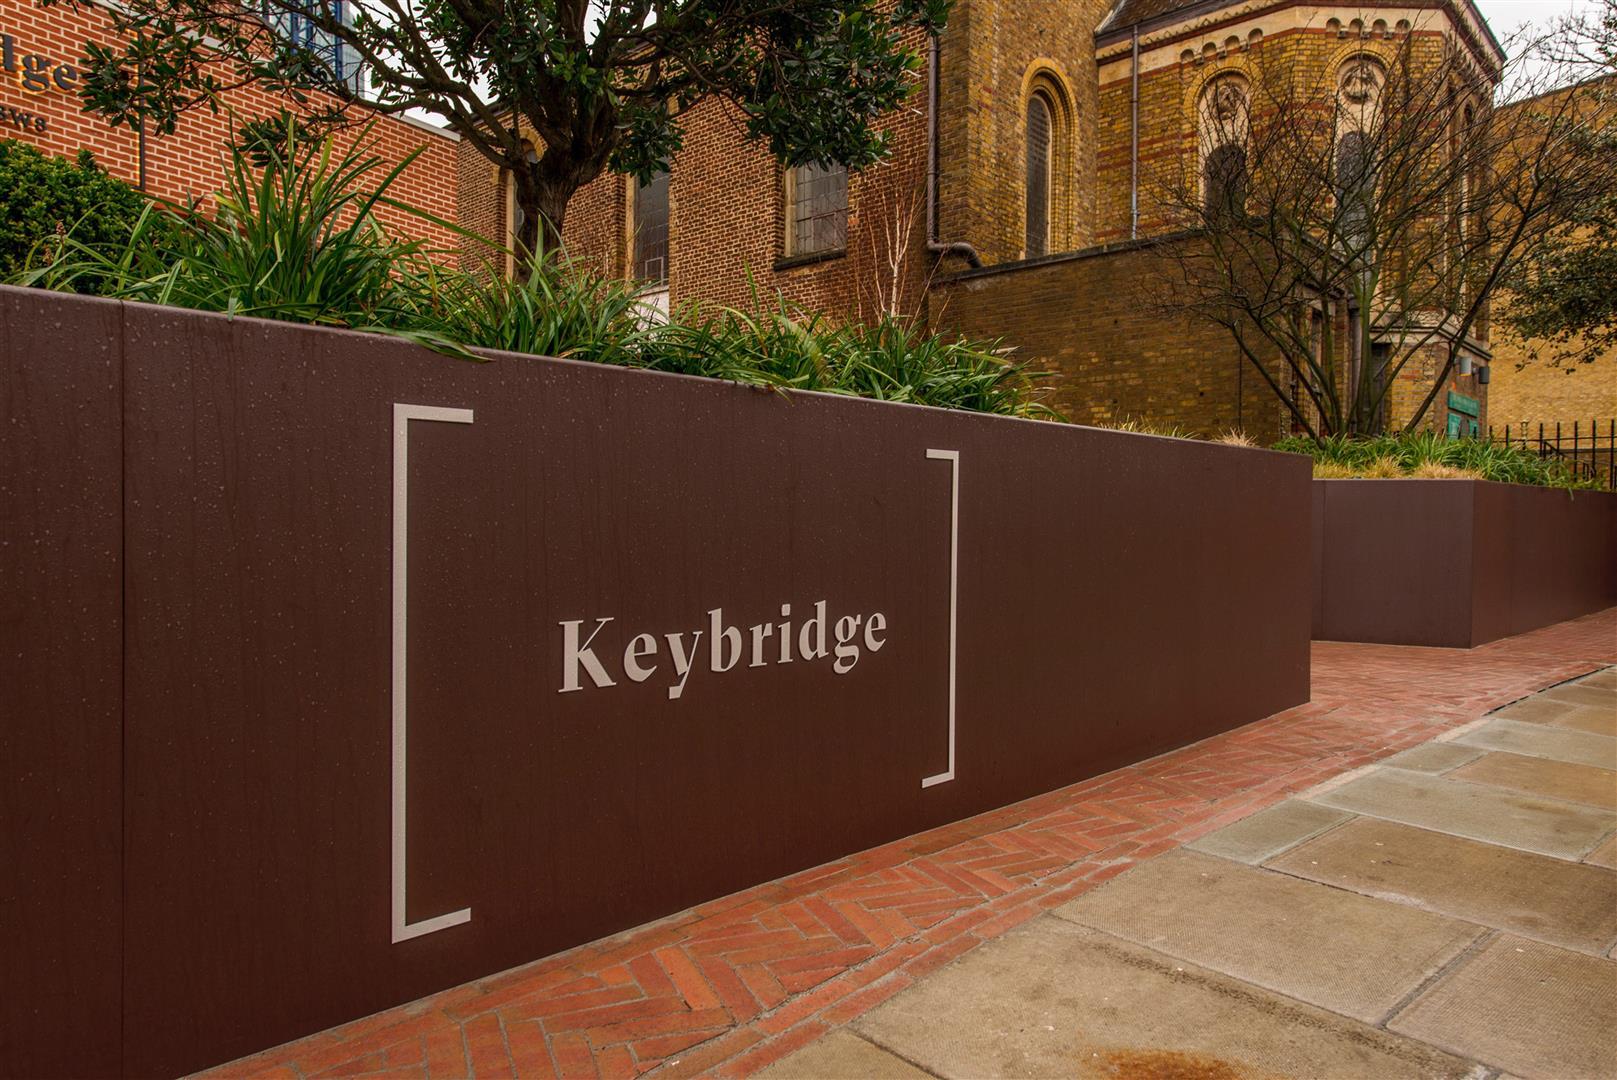 keybridge,COMPANY